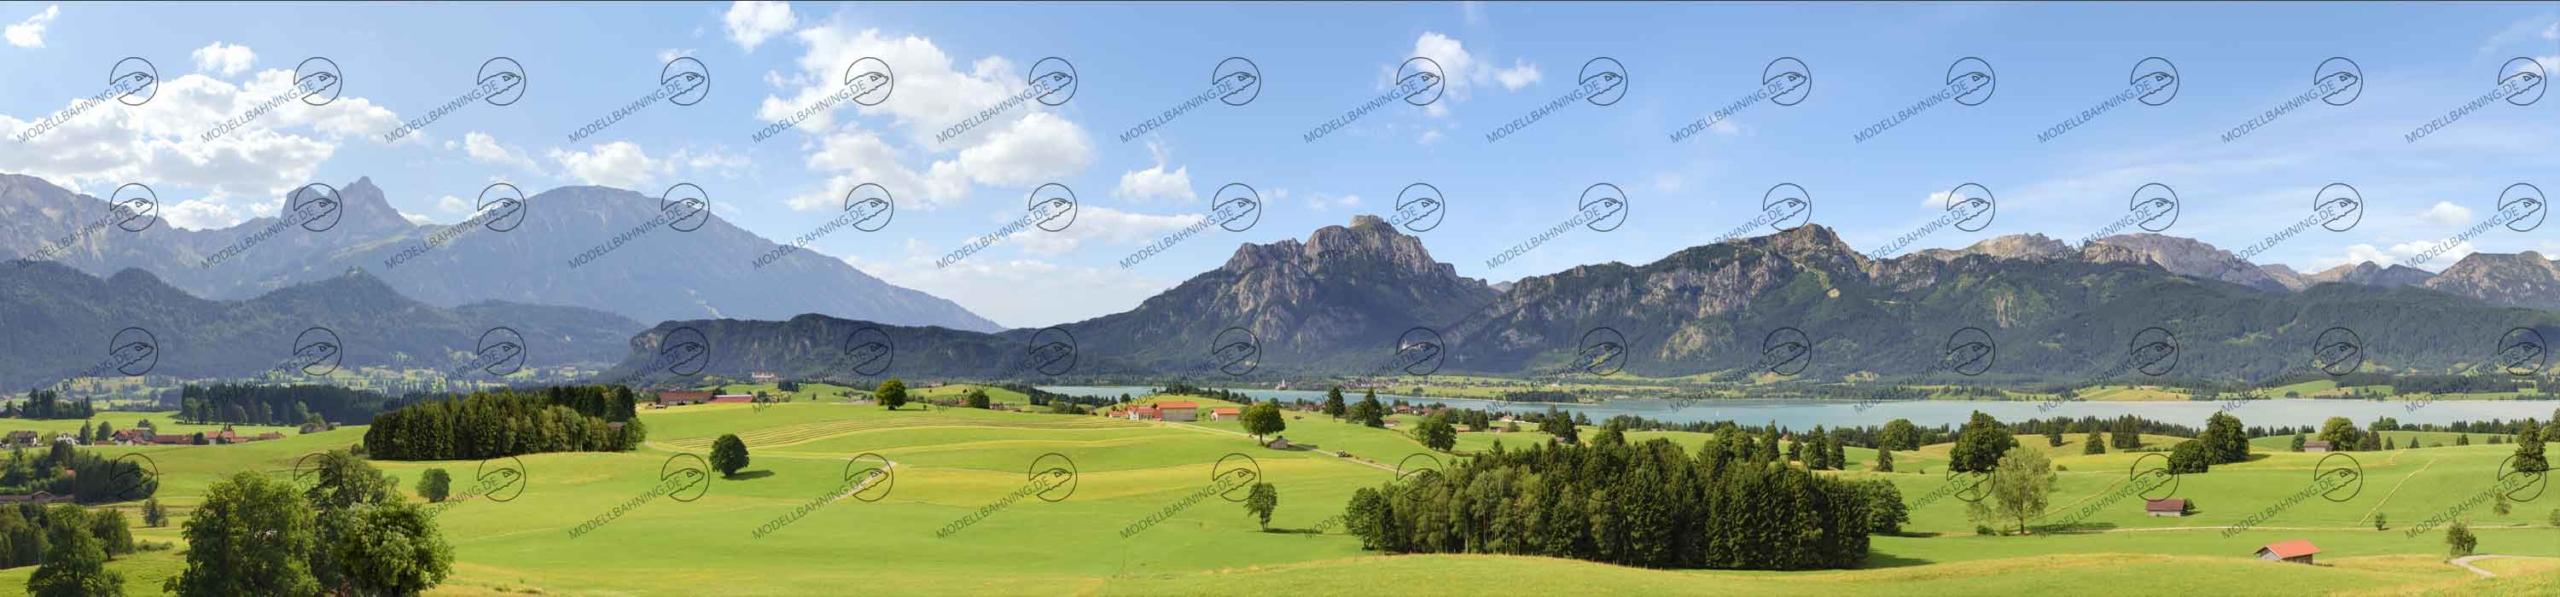 """Allgäu Teil 3 """"Forggensee"""" – Modellbahn Hintergrund 300cm x 70 cm 1"""